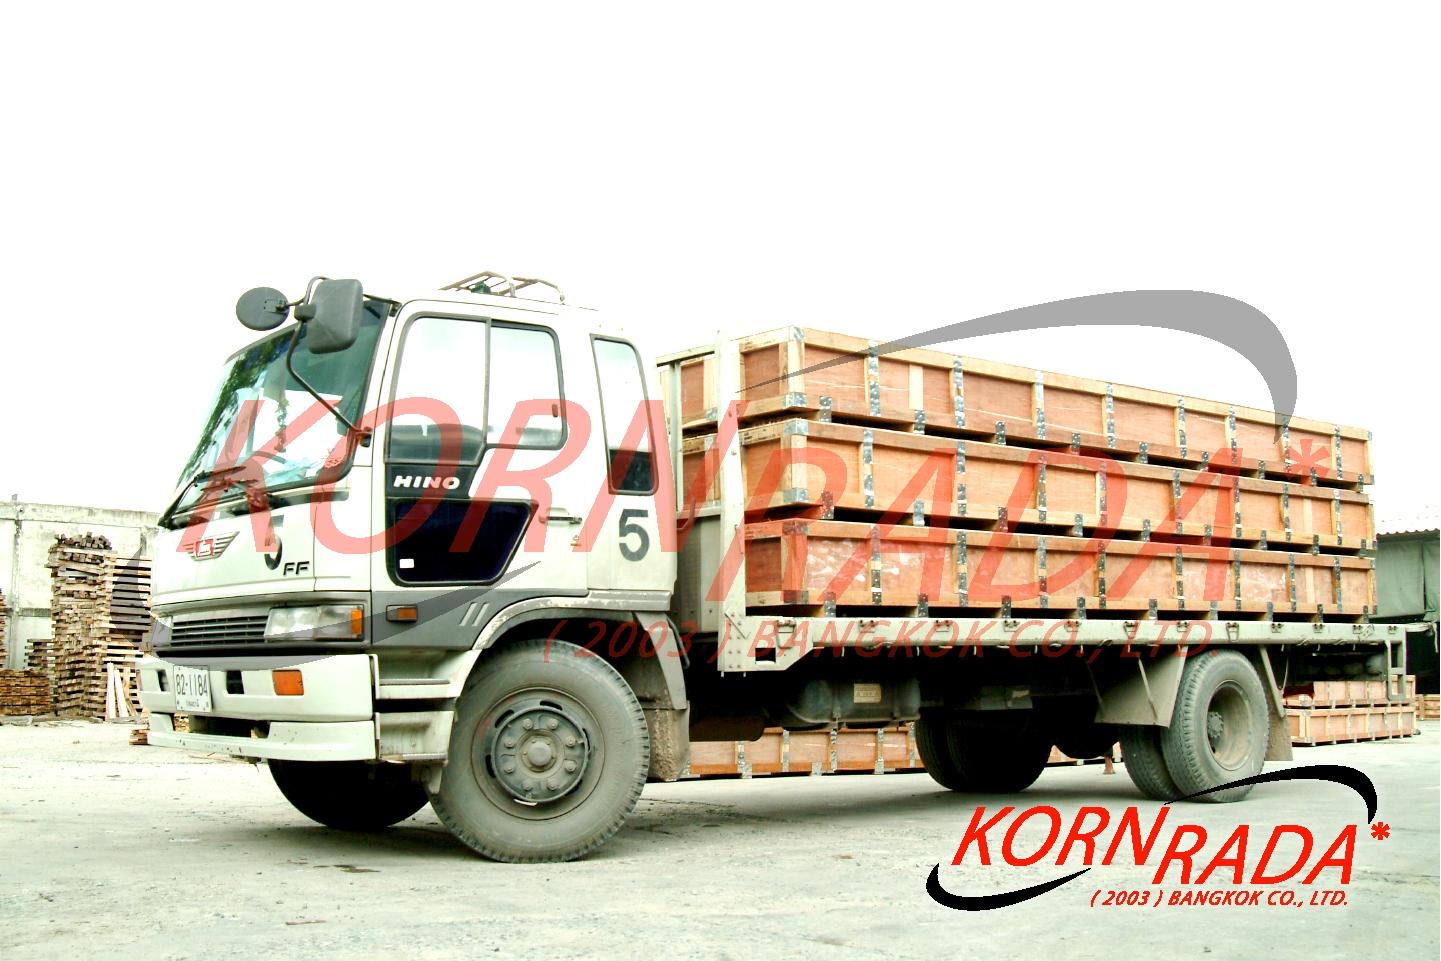 kornrada_products_2815